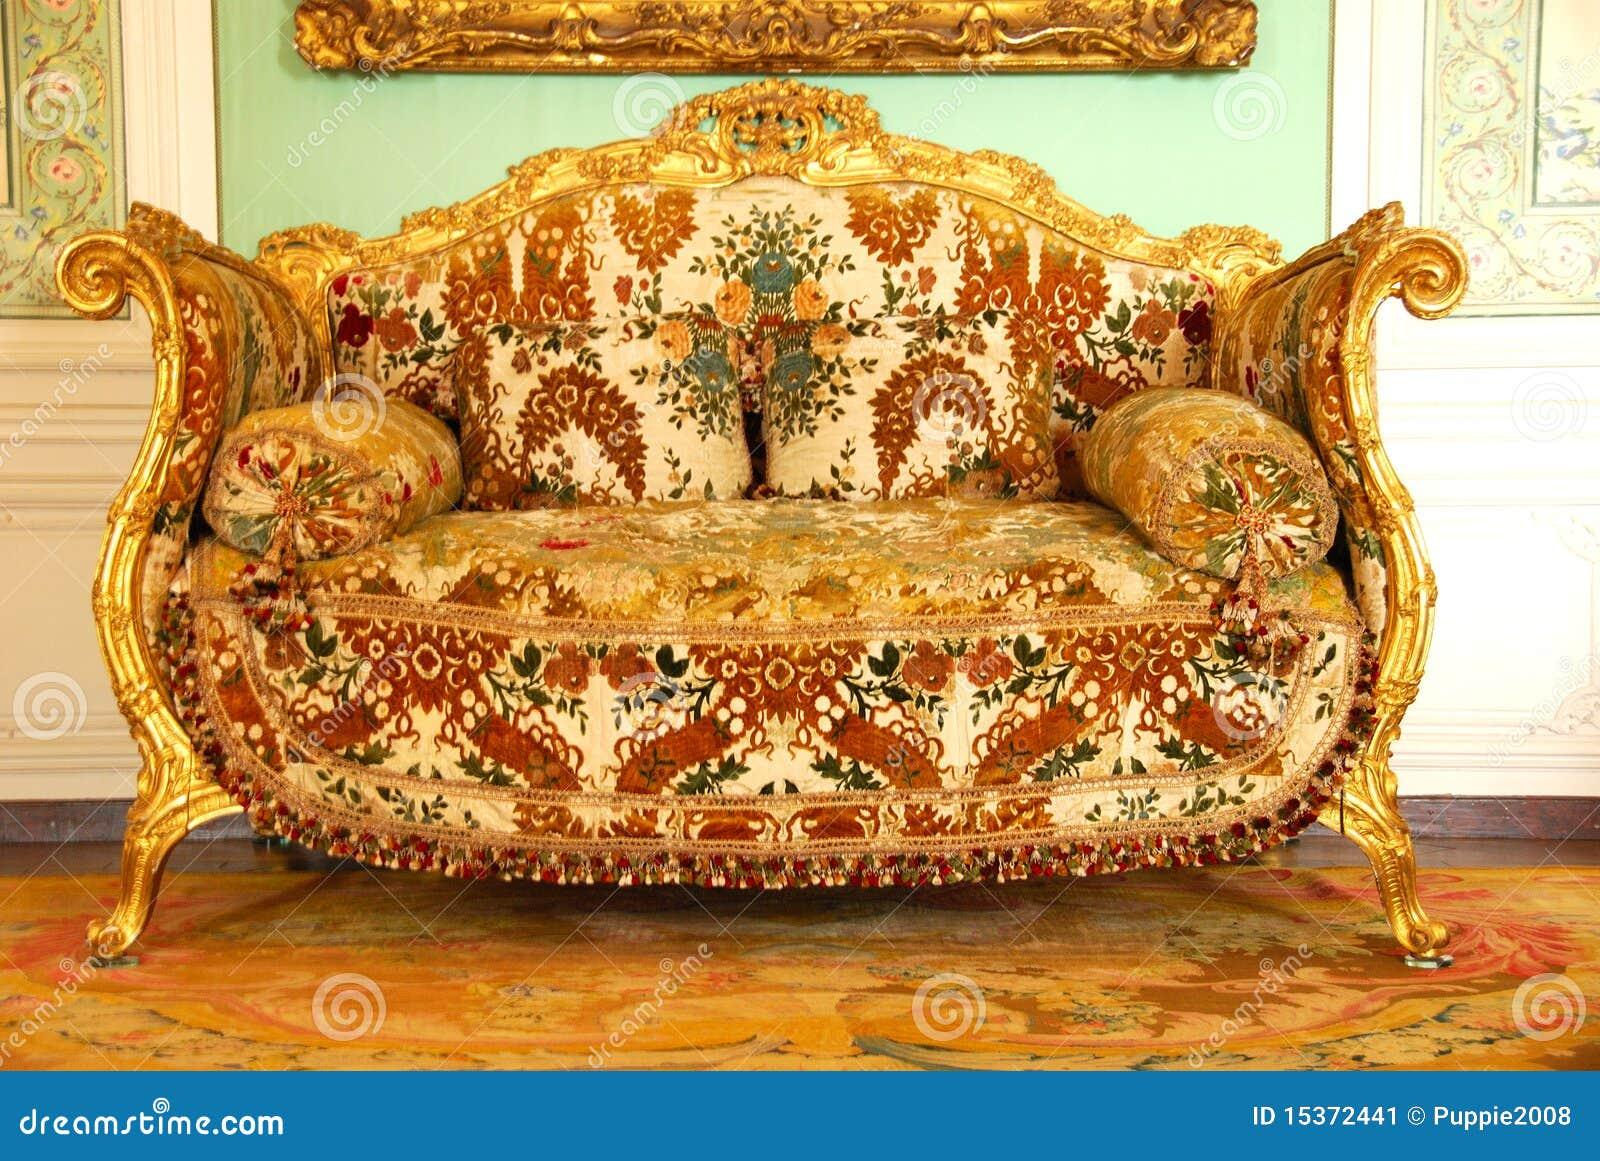 Muebles Viejos En El Palacio De Versalles Foto editorial - Imagen de ...